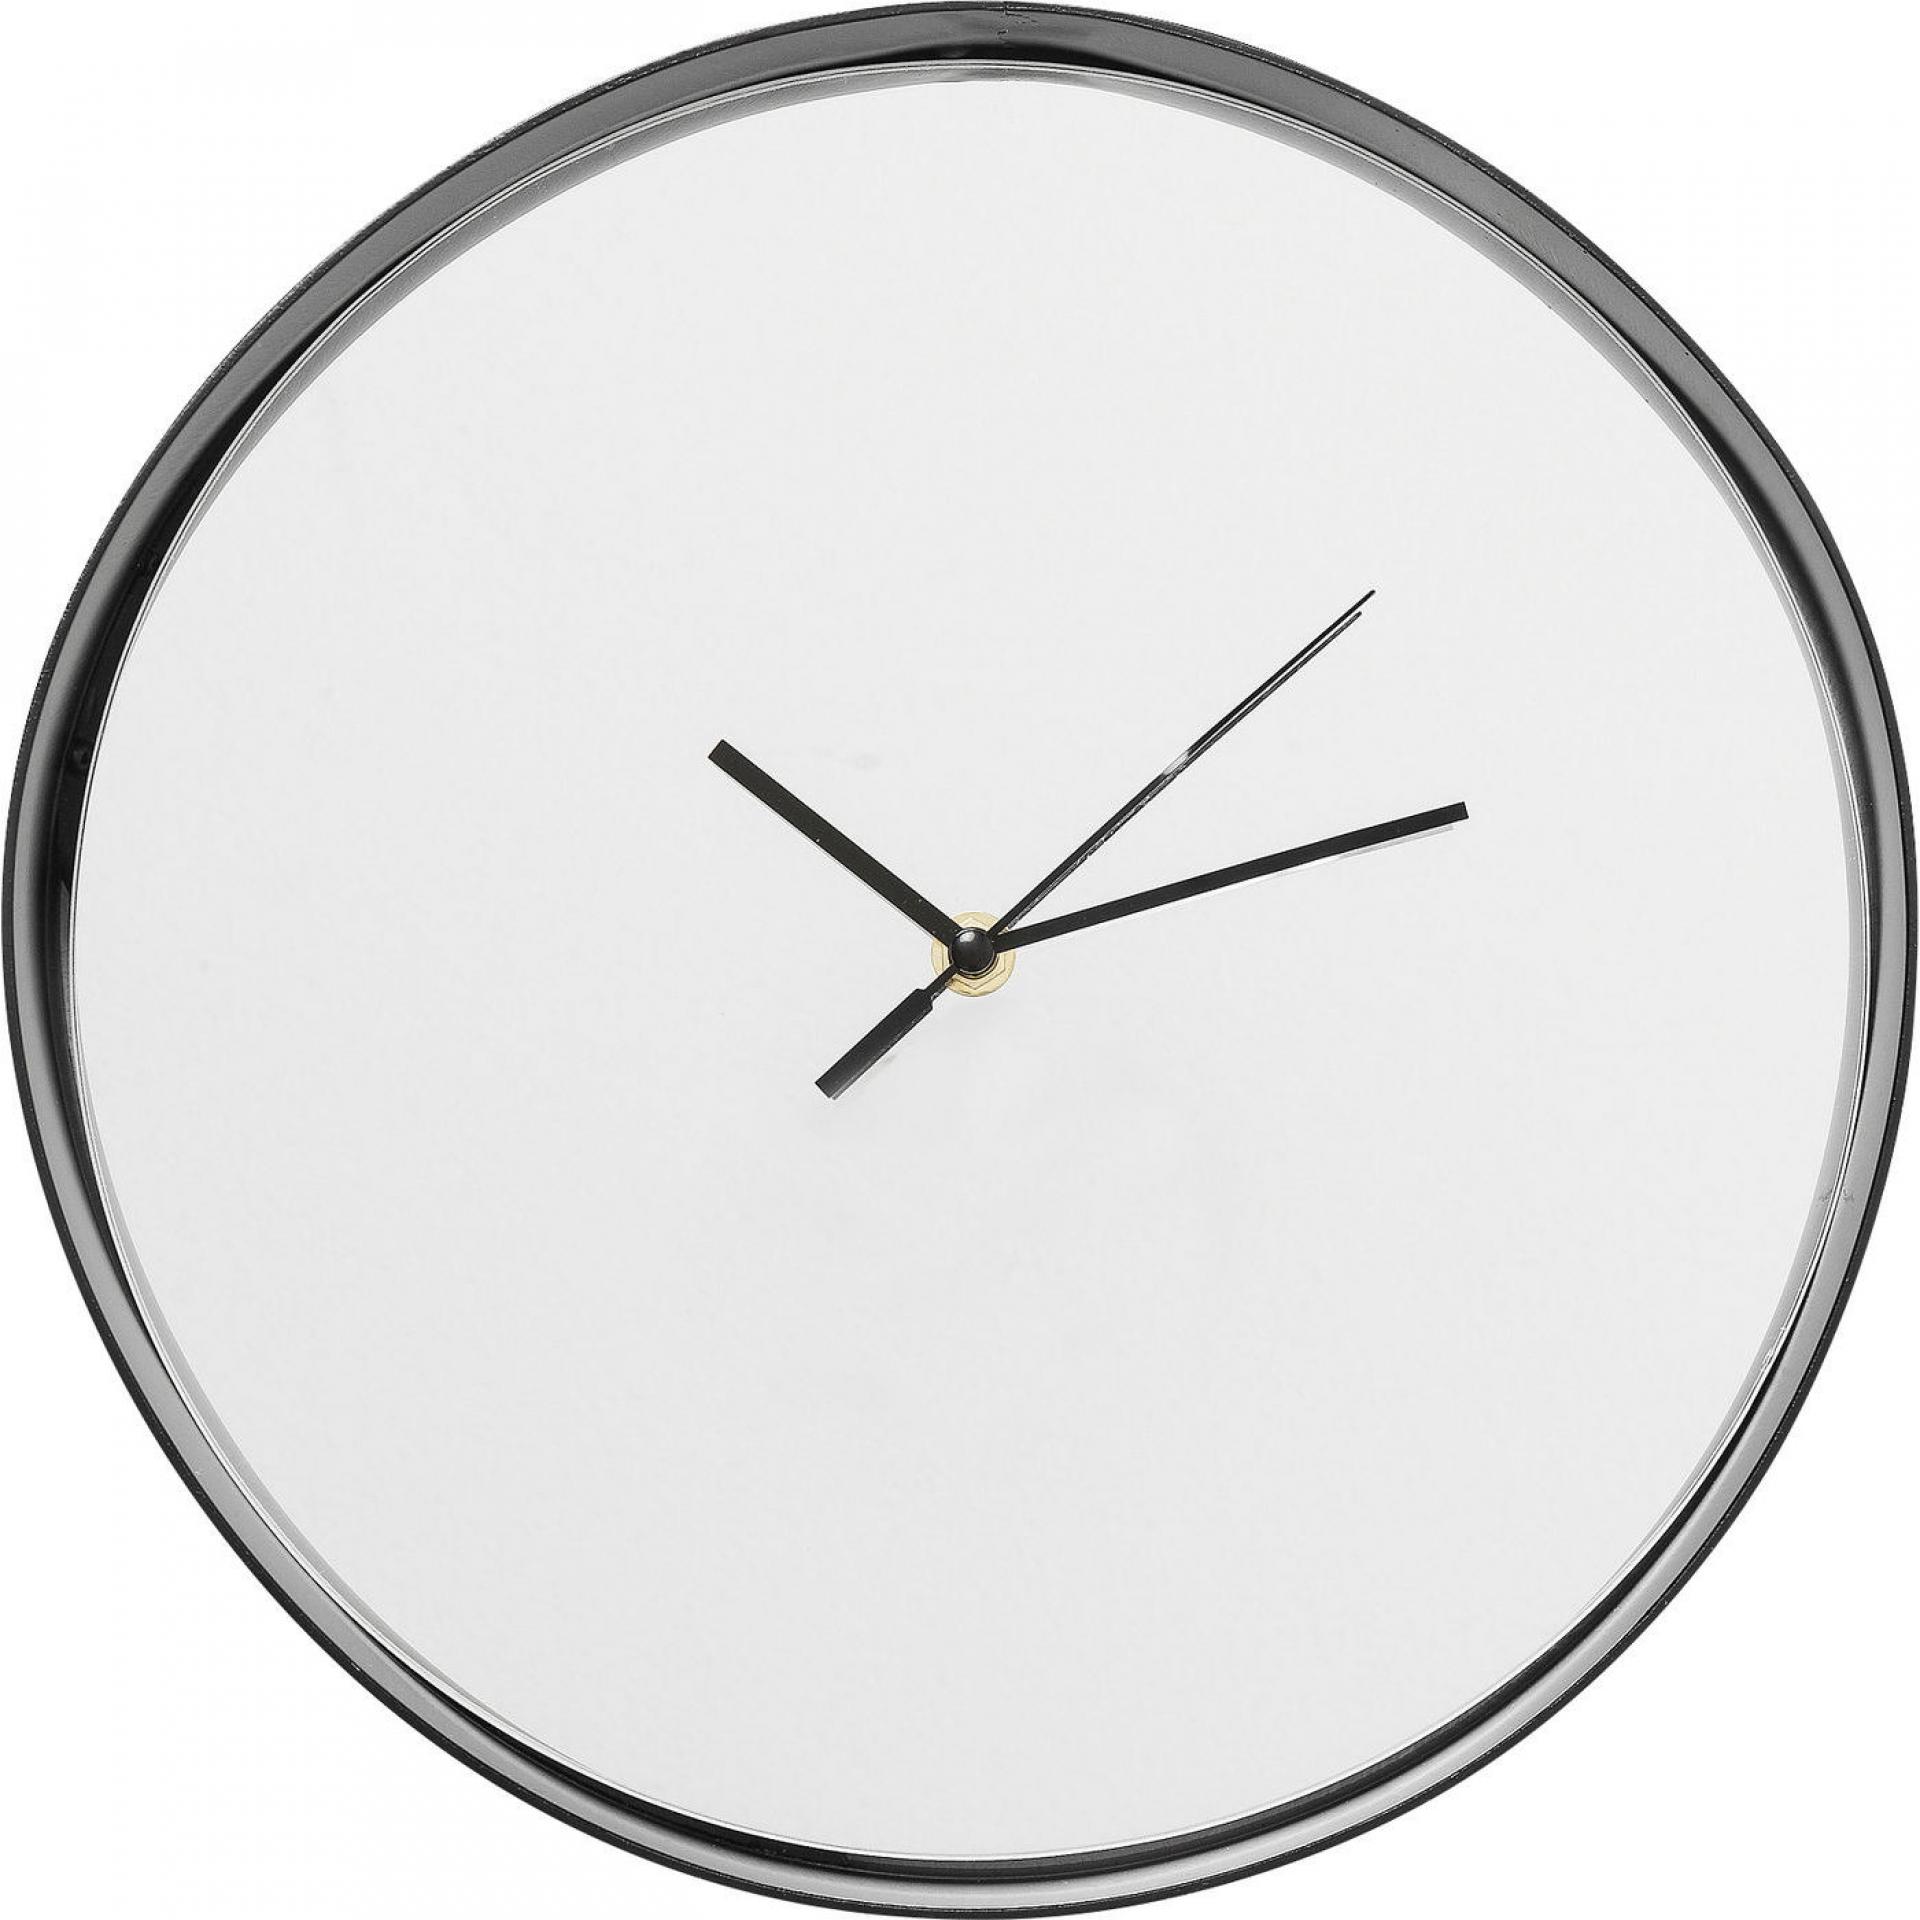 44c6fd2e4 Nástěnné hodiny Shadow Soft Square | KARE Design